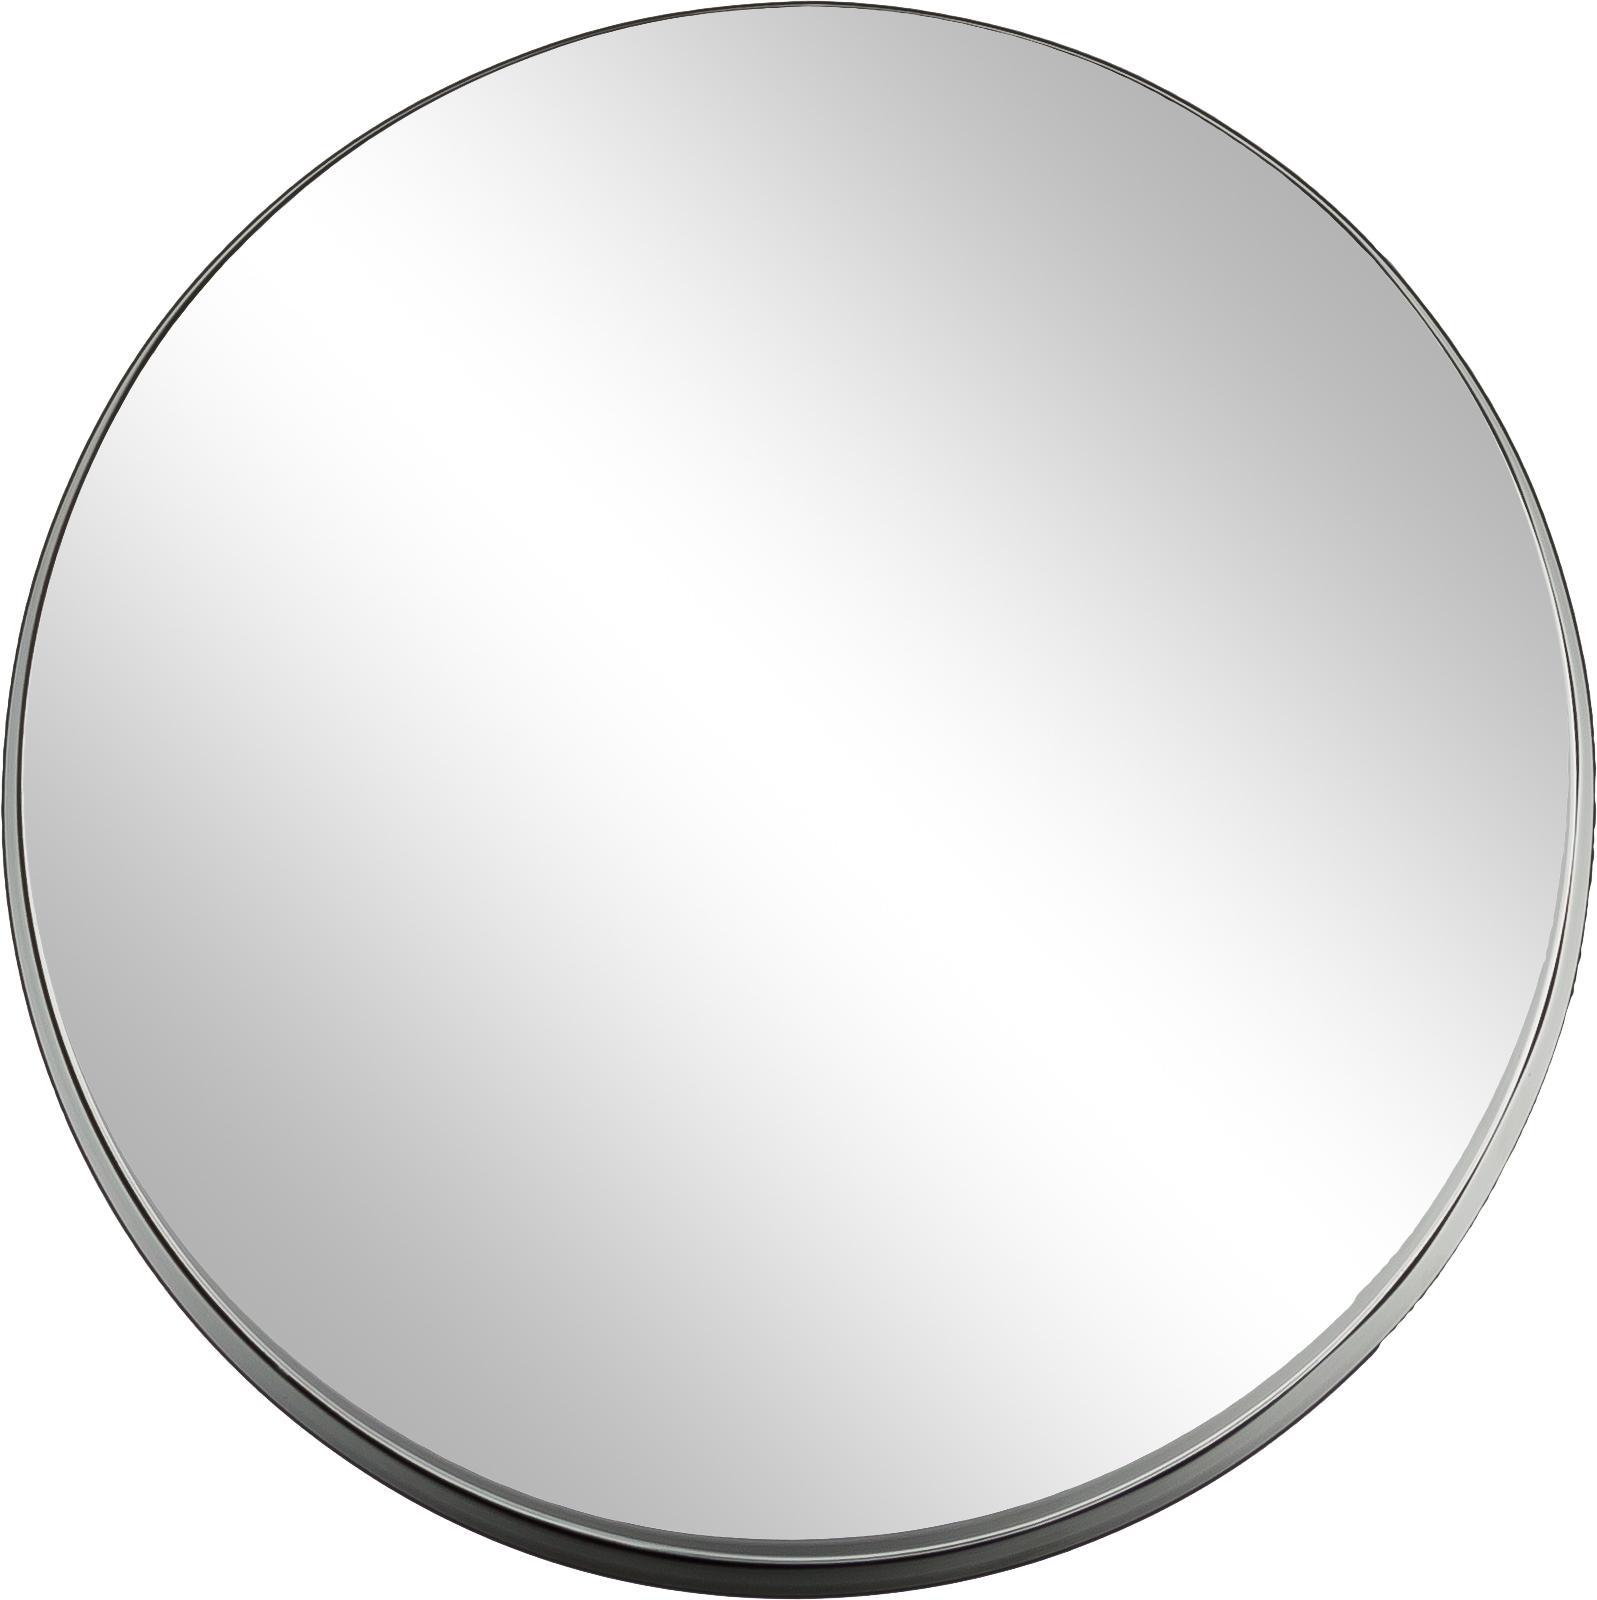 Wandspiegel Metal mit schwarzem Rahmen, Rahmen: Metall, lackiert mit gewo, Rahmen: Schwarz<br>Spiegelglas, Ø 51 cm